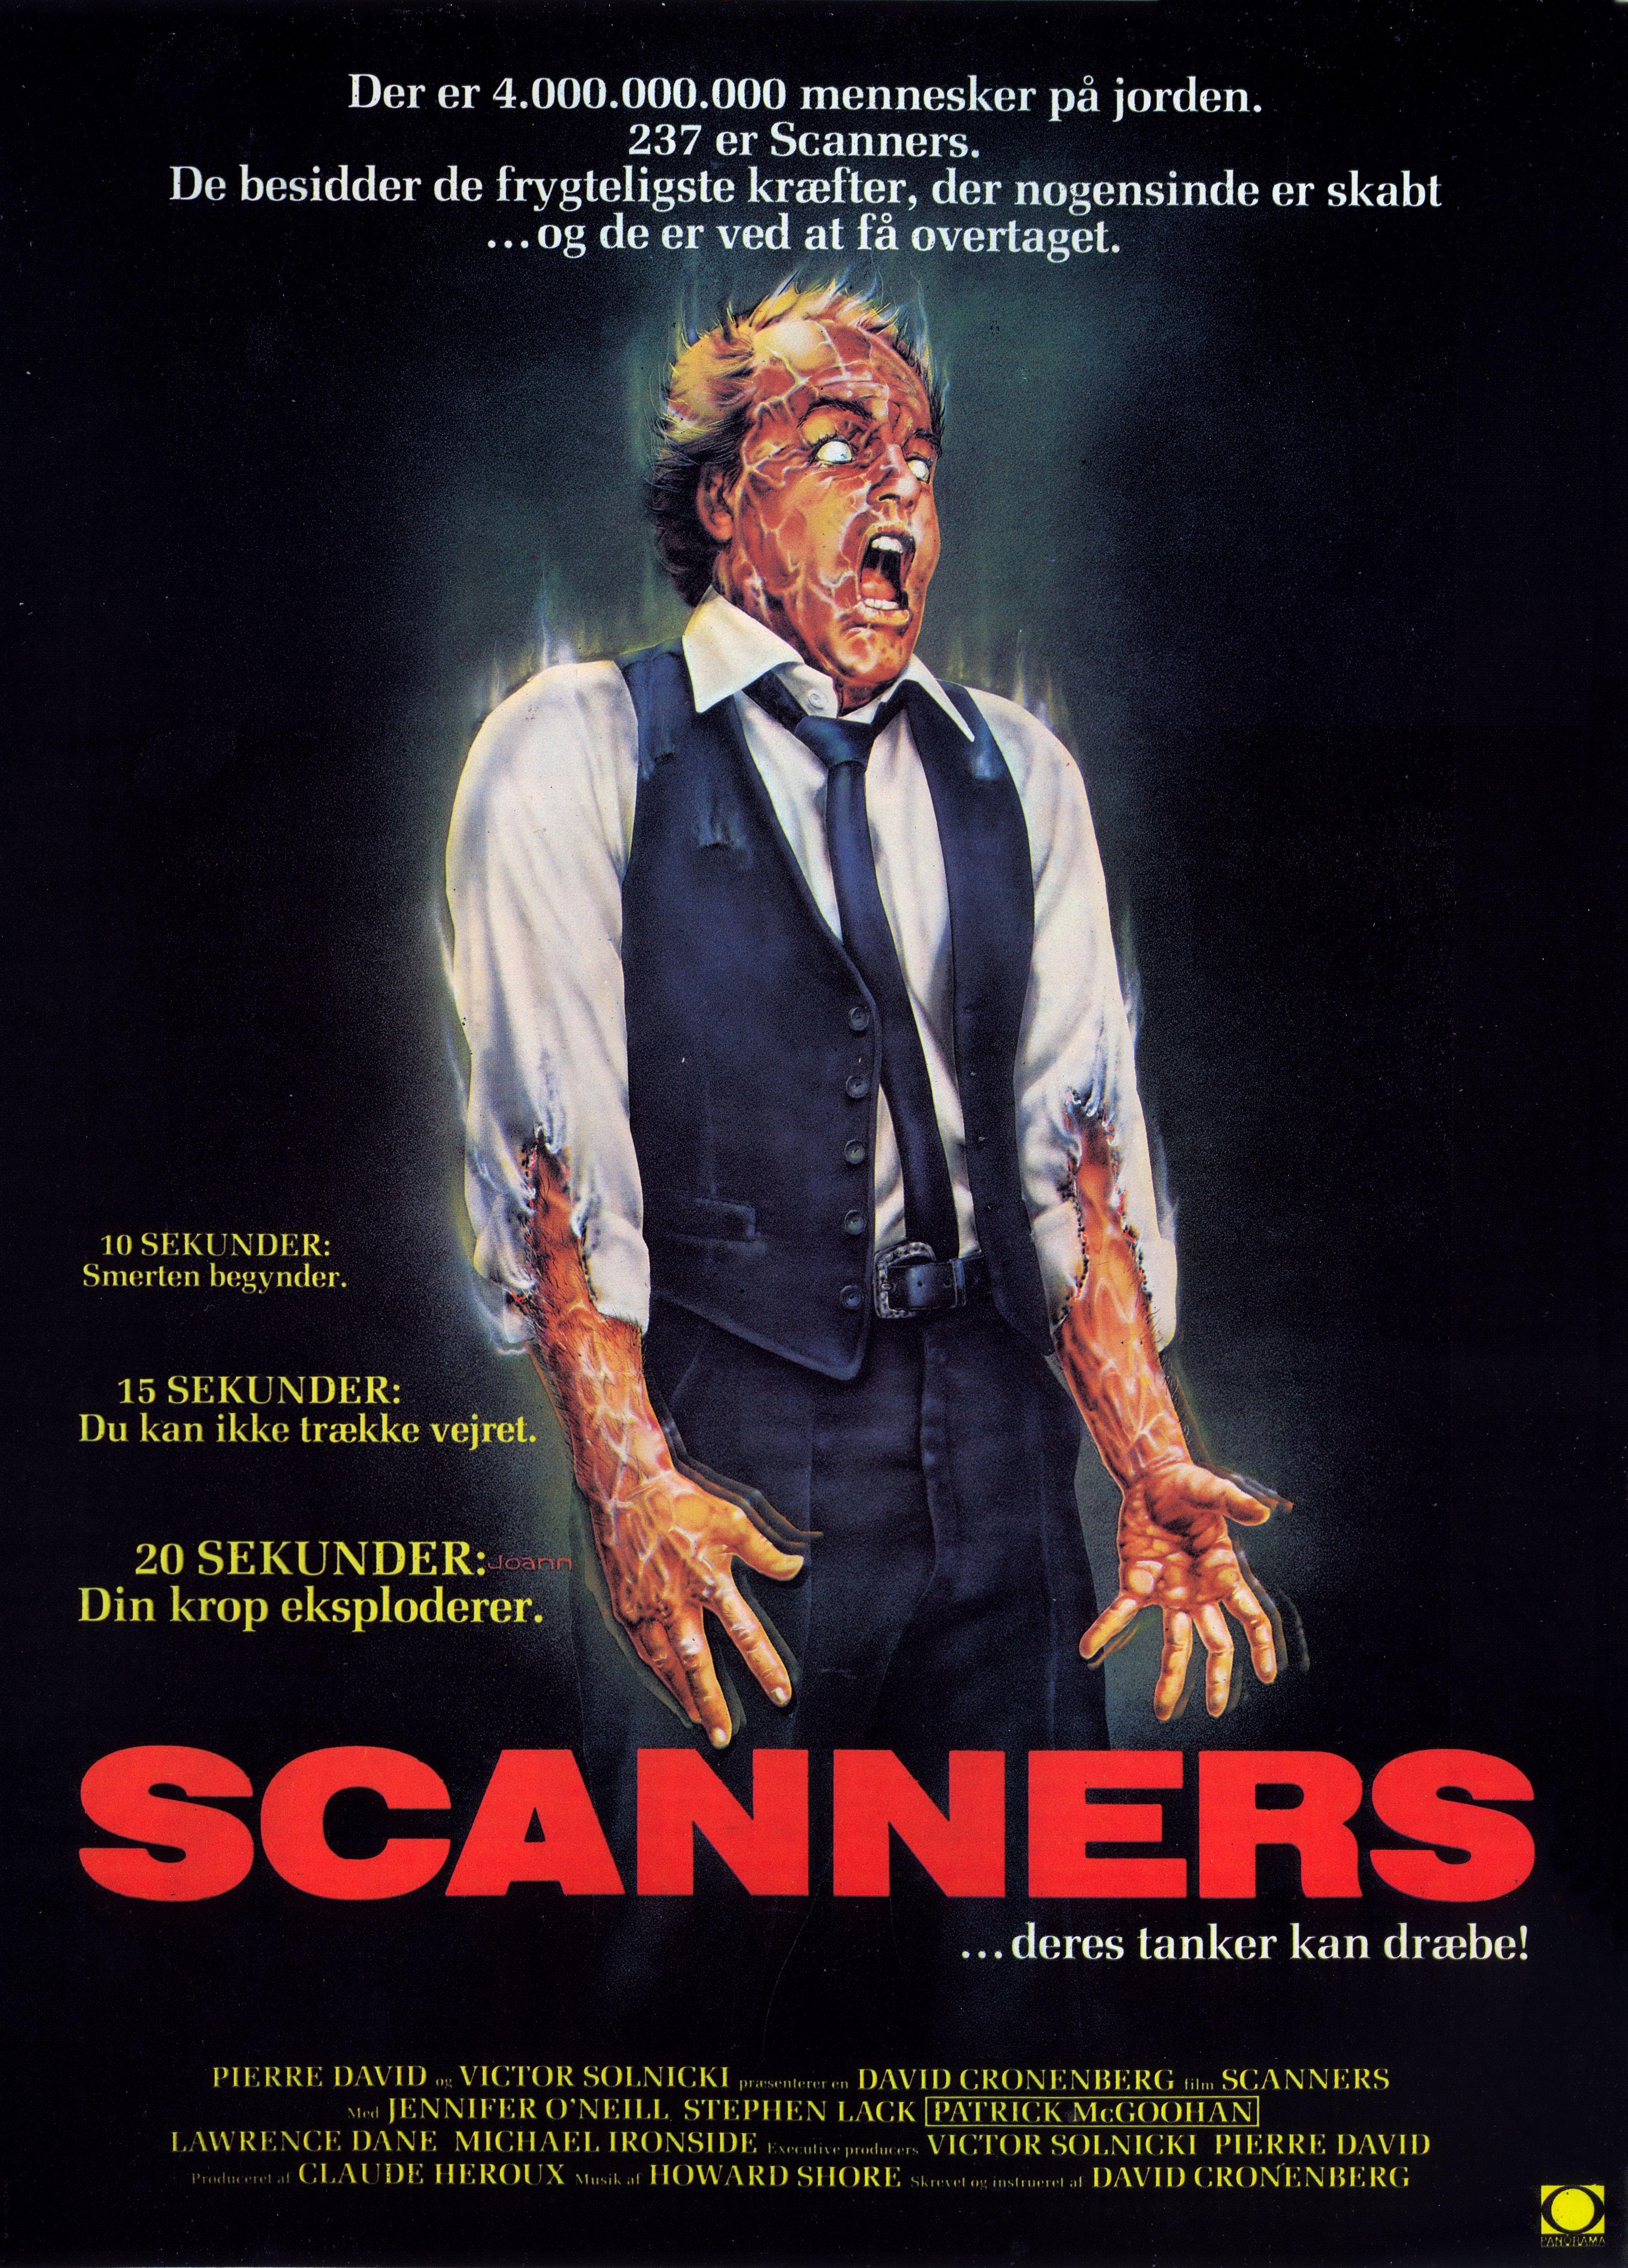 Scanners 1981 Danish Poster Cartazes De Filmes Classicos Filmes Trash Cartazes De Filmes De Terror